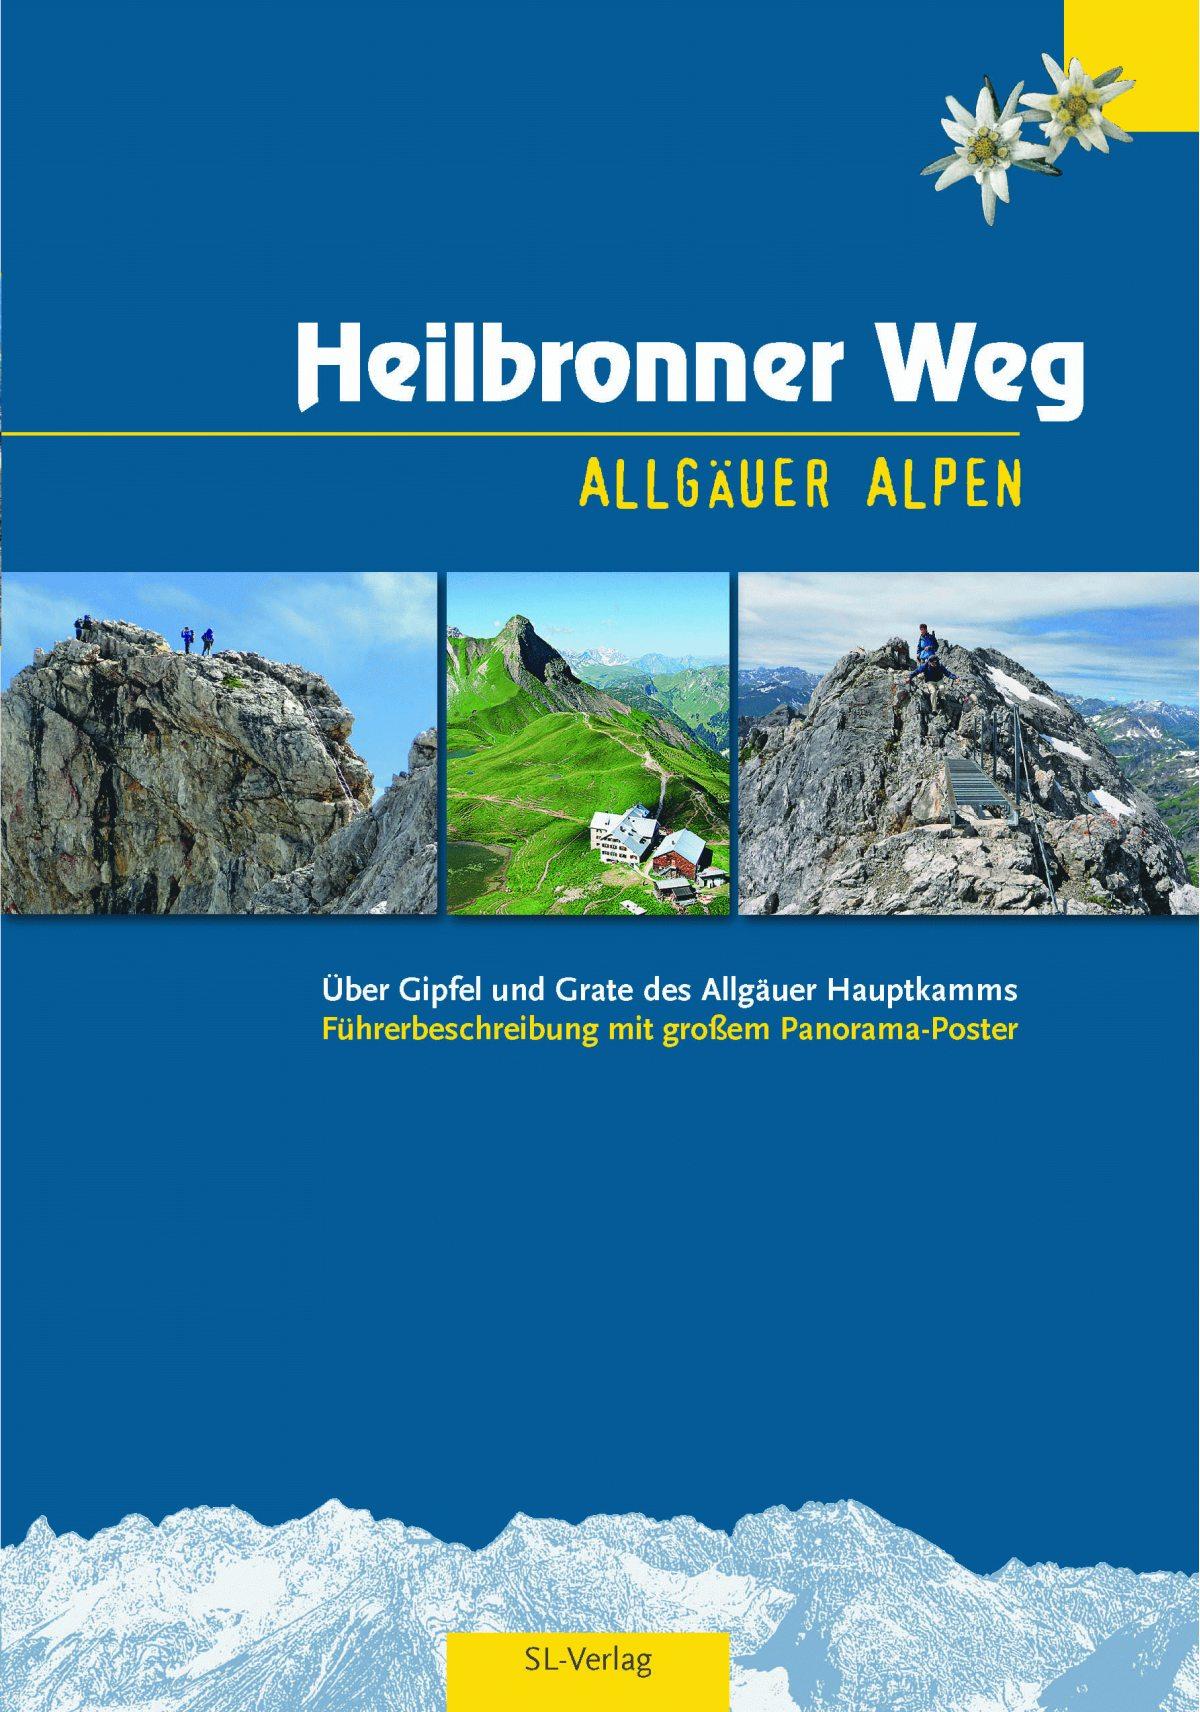 Heilbronner Weg